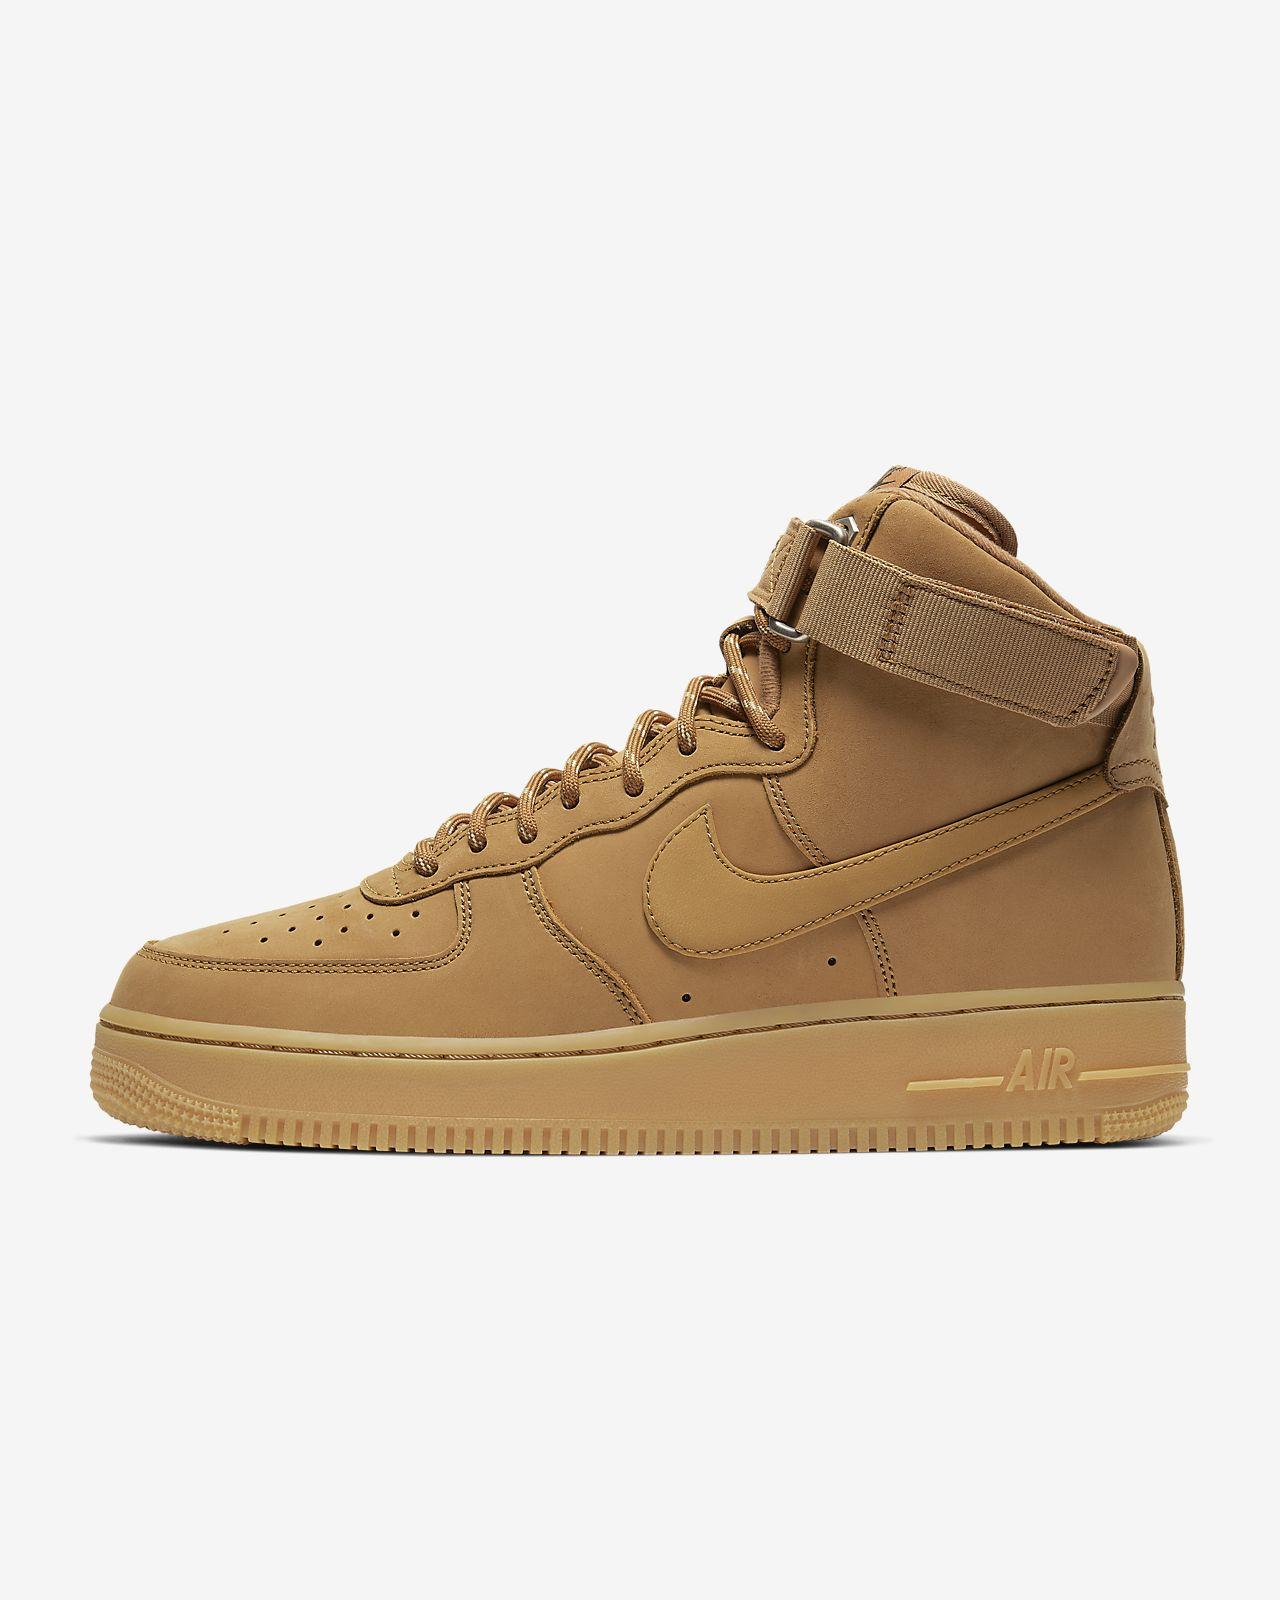 Pánská bota Nike Air Force 1 High '07